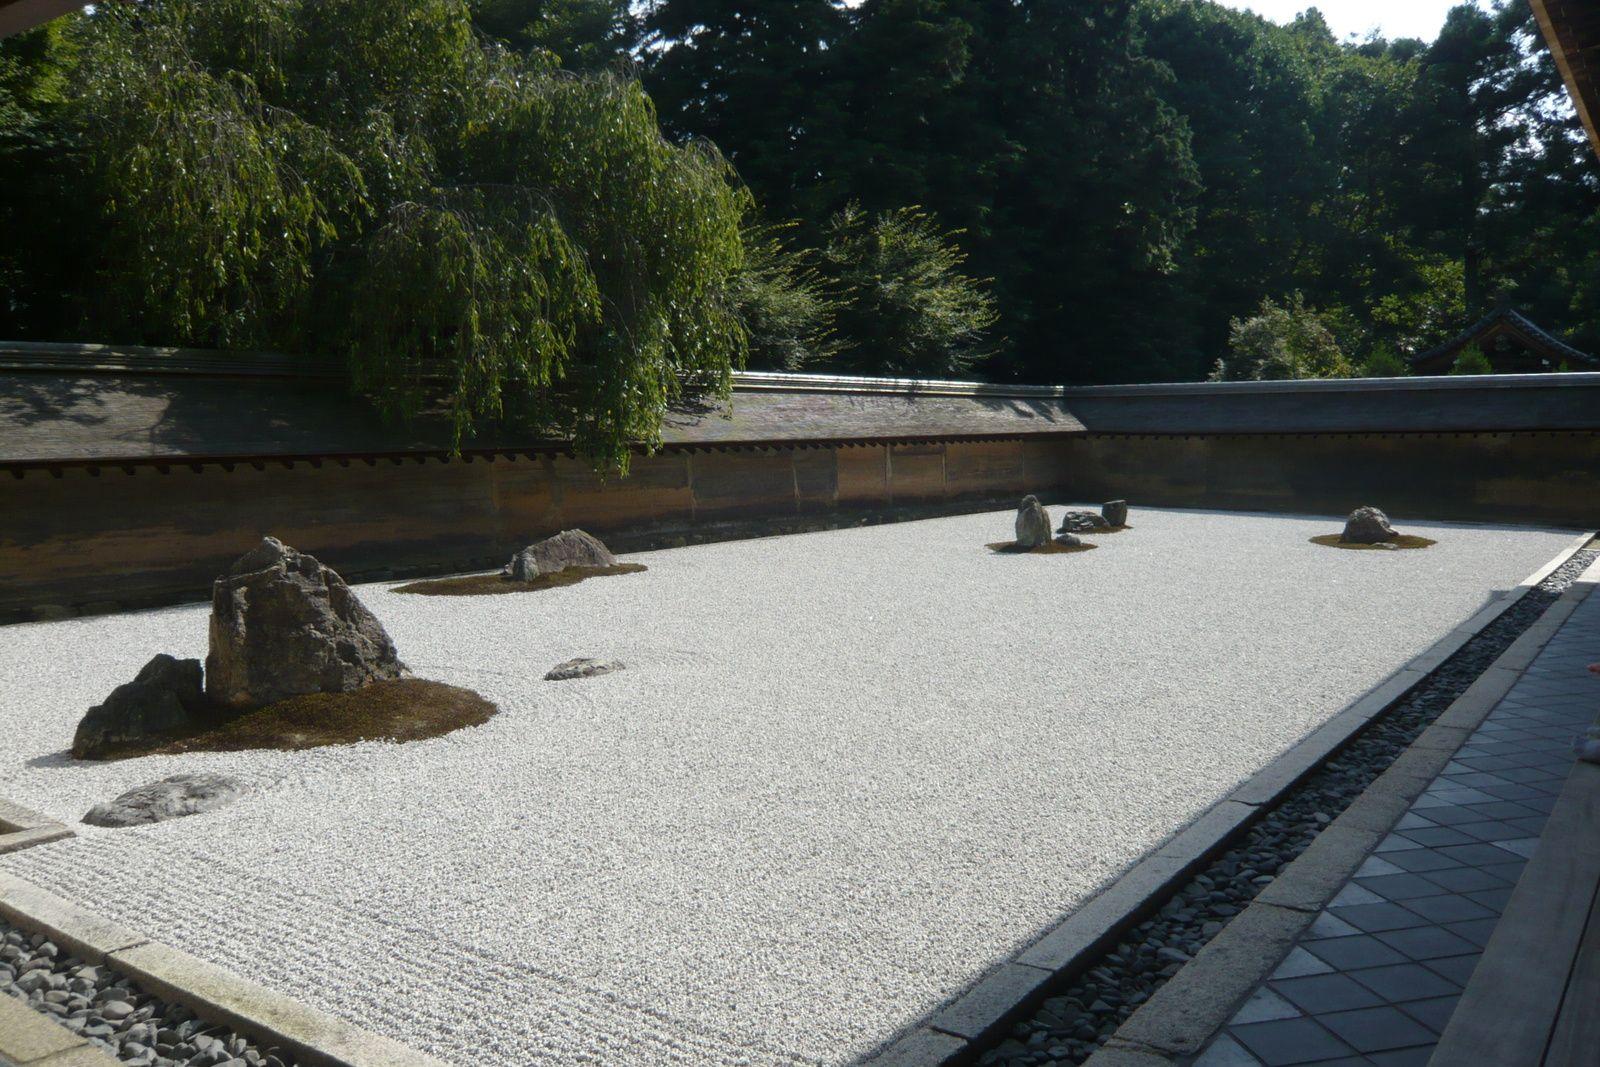 Le jardin sec du temple Ryōan-ji à Kyoto, Japon© Photographie Gilles Kraemer, juillet 2010